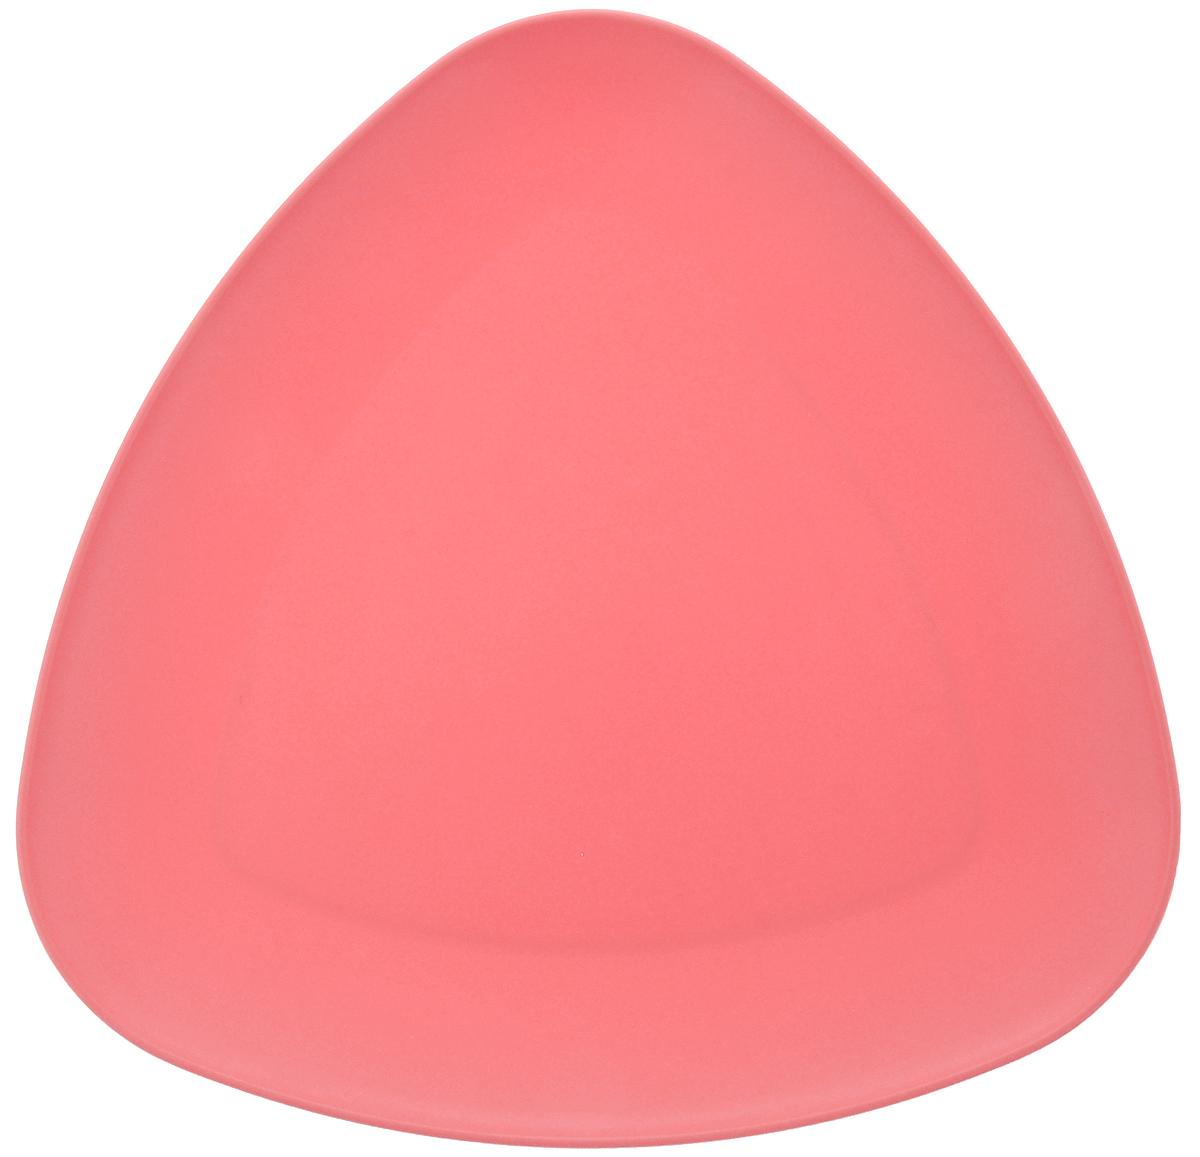 Тарелка Ucsan, треугольная, цвет: коралловый, 27 х 27 смFS-91909Треугольная тарелка Ucsan изготовлена из полипропилена и идеально подходит для сервировки стола.Тарелка Ucsan не только украсит ваш кухонный стол и подчеркнет прекрасный вкус хозяйки, но и станет отличным подарком.Можно мыть в посудомоечной машине.Размер тарелки: 27 х 27 см.